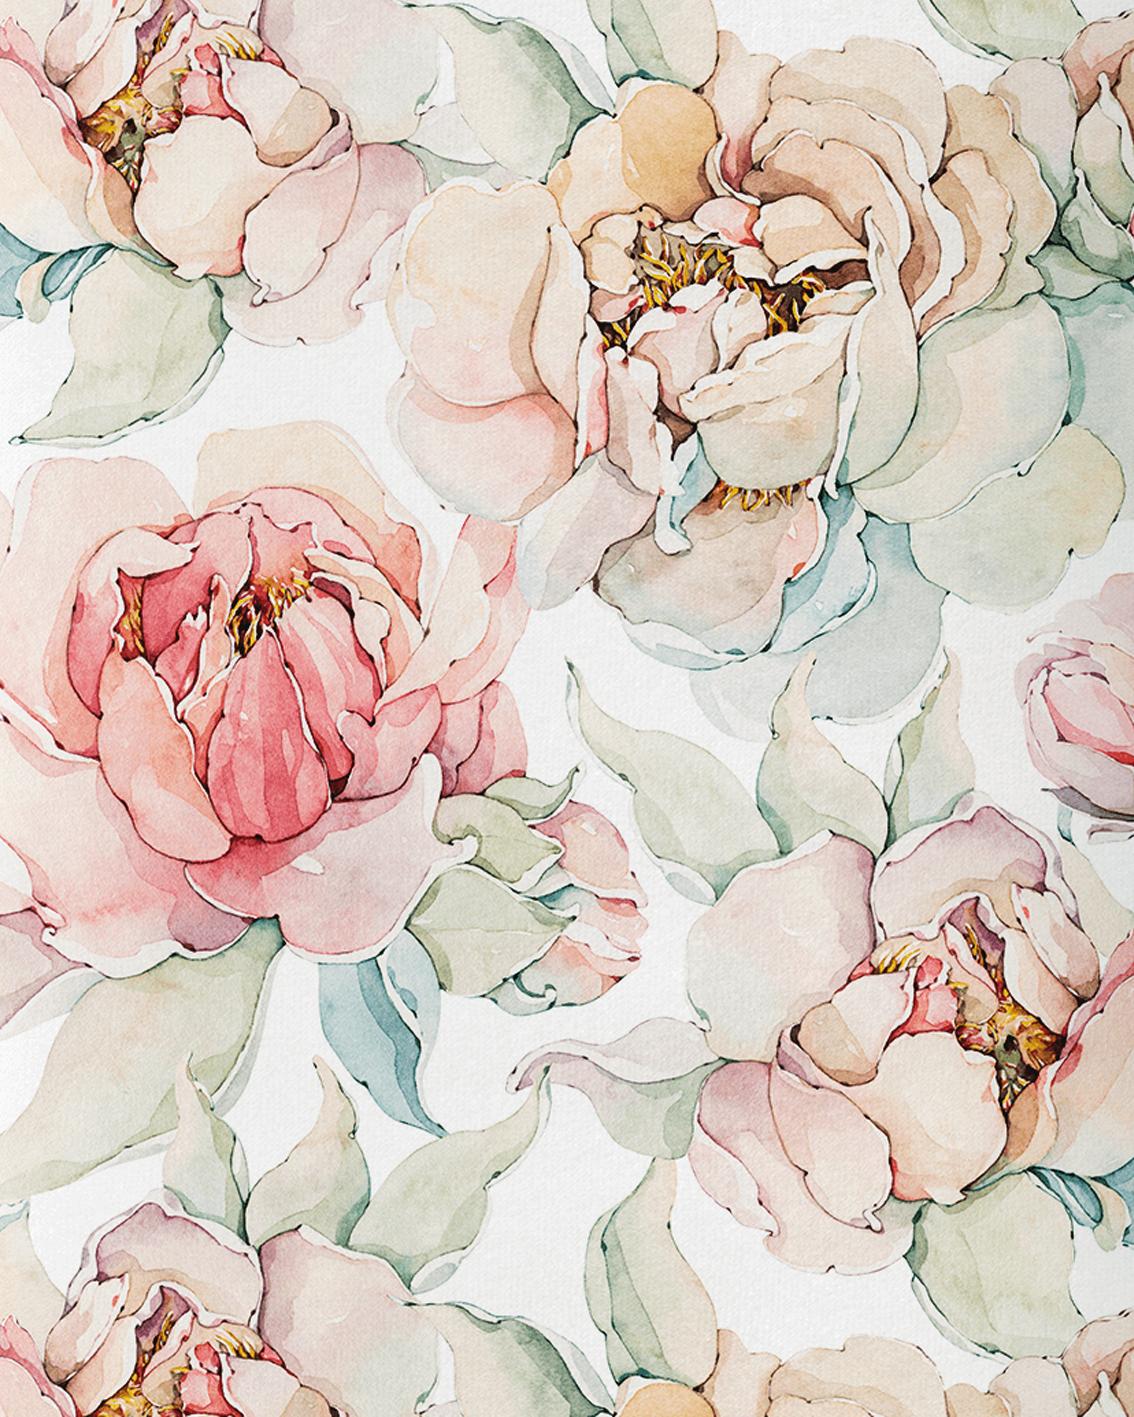 Tkanina bawełniana typu dresówka gramatura 240 g. Wzór kwiatowy magnolia. Druk sublimacyjny.